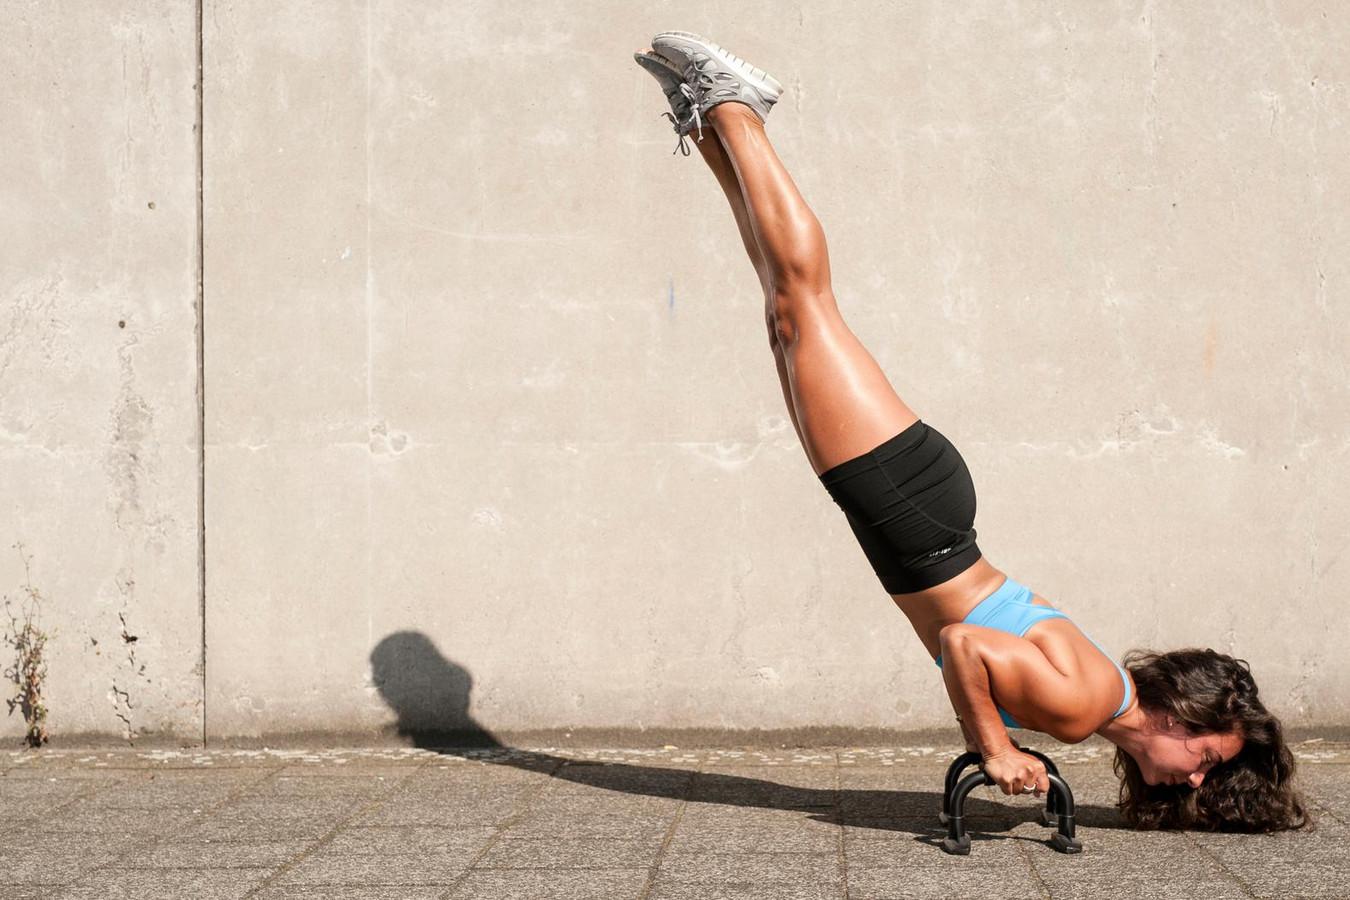 Voor Alicia Broos betekent sterk zijn dat haar lichaam de overvolle trainingsdagen volhoudt.